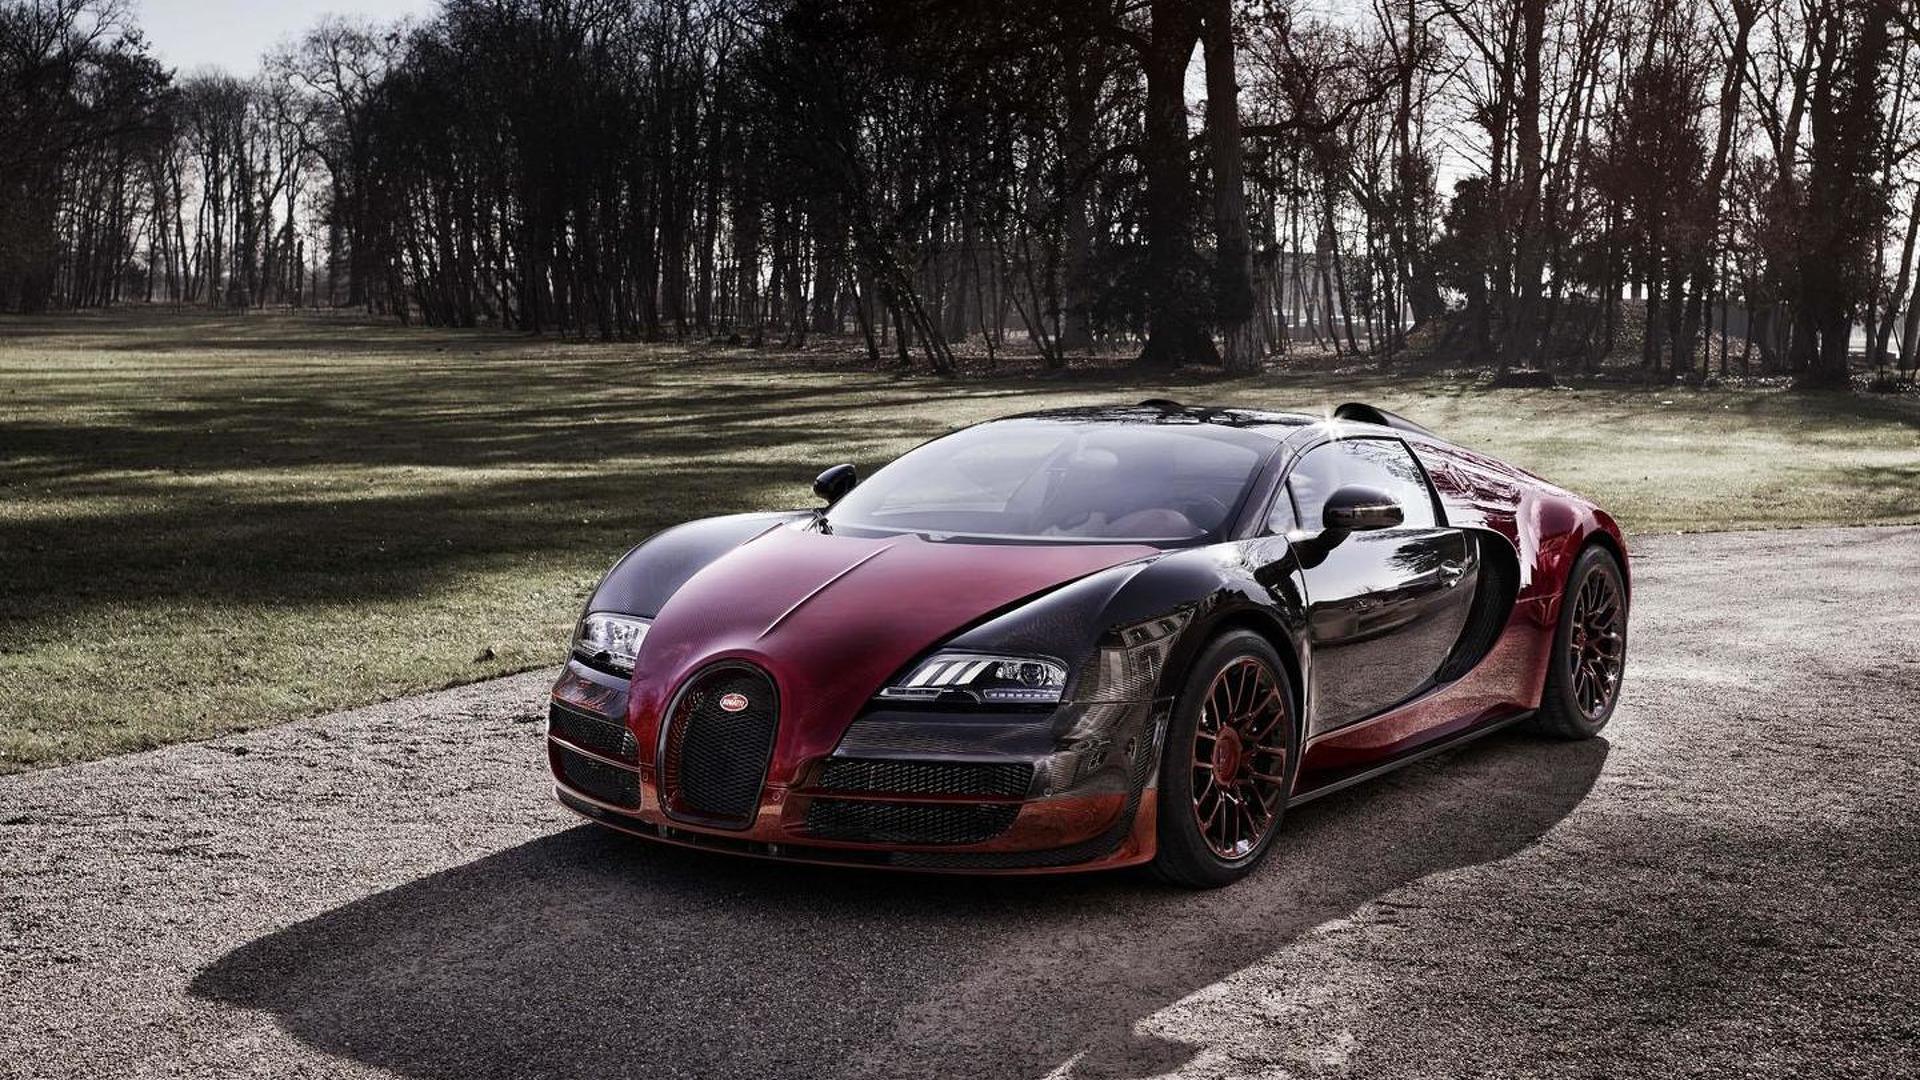 2015-548321-bugatti-veyron-grand-sport-vitesse-la-finale1 Modern Bugatti Veyron Price and Pictures Cars Trend